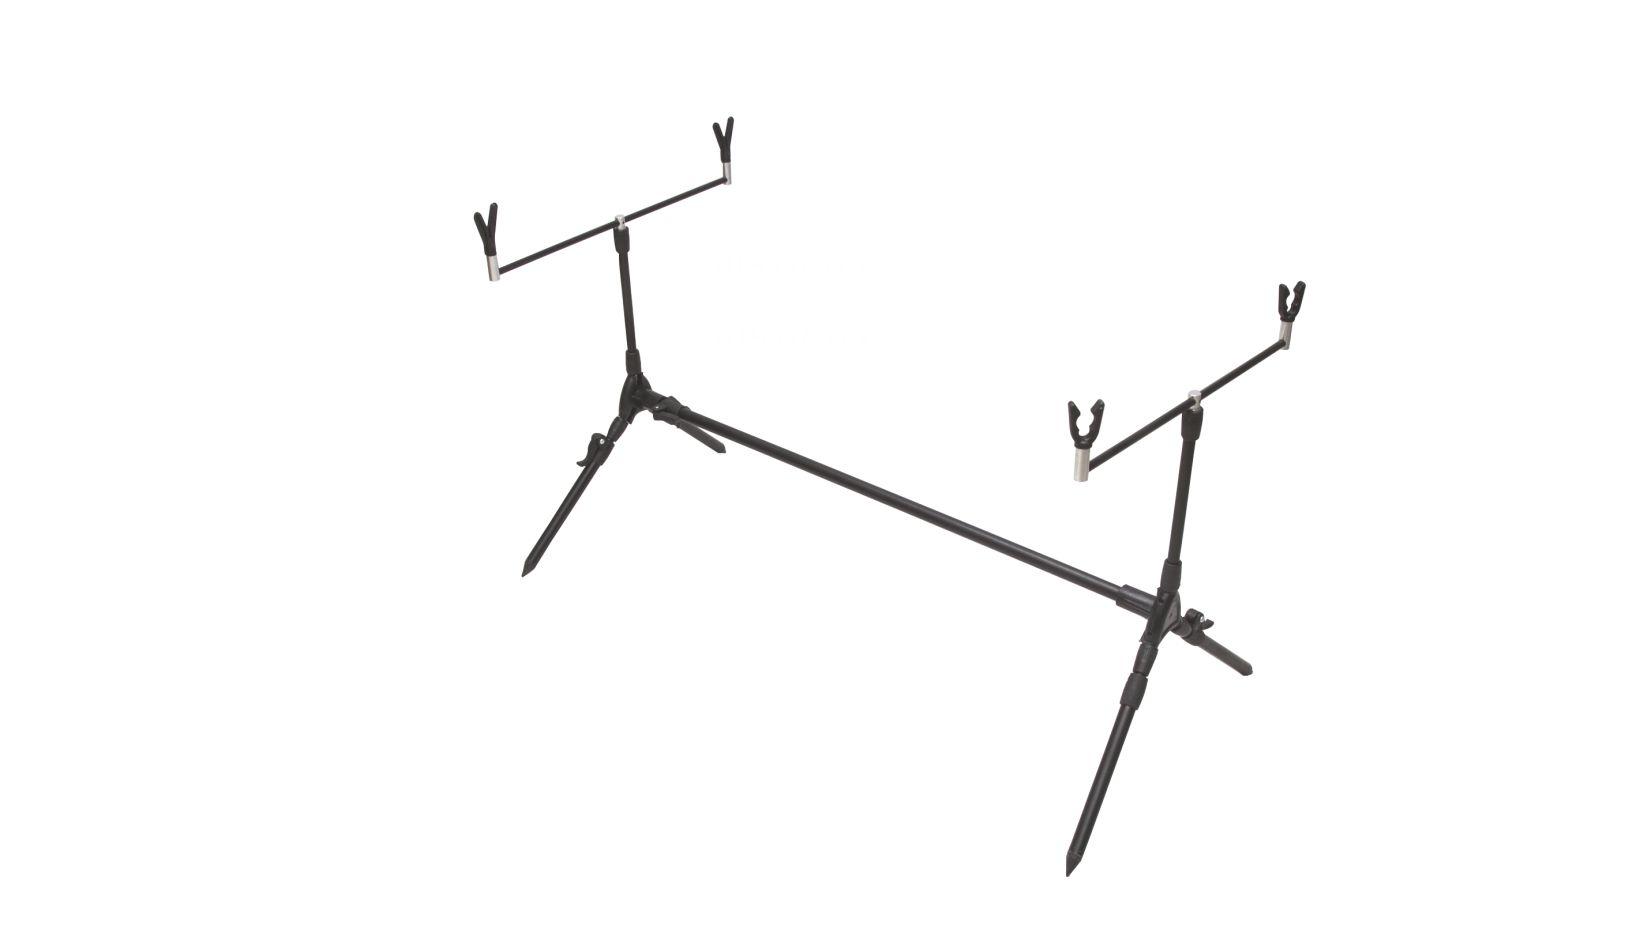 Mistrall - Mistrall stojan Rod Pod na 2 pruty 1,15 kg